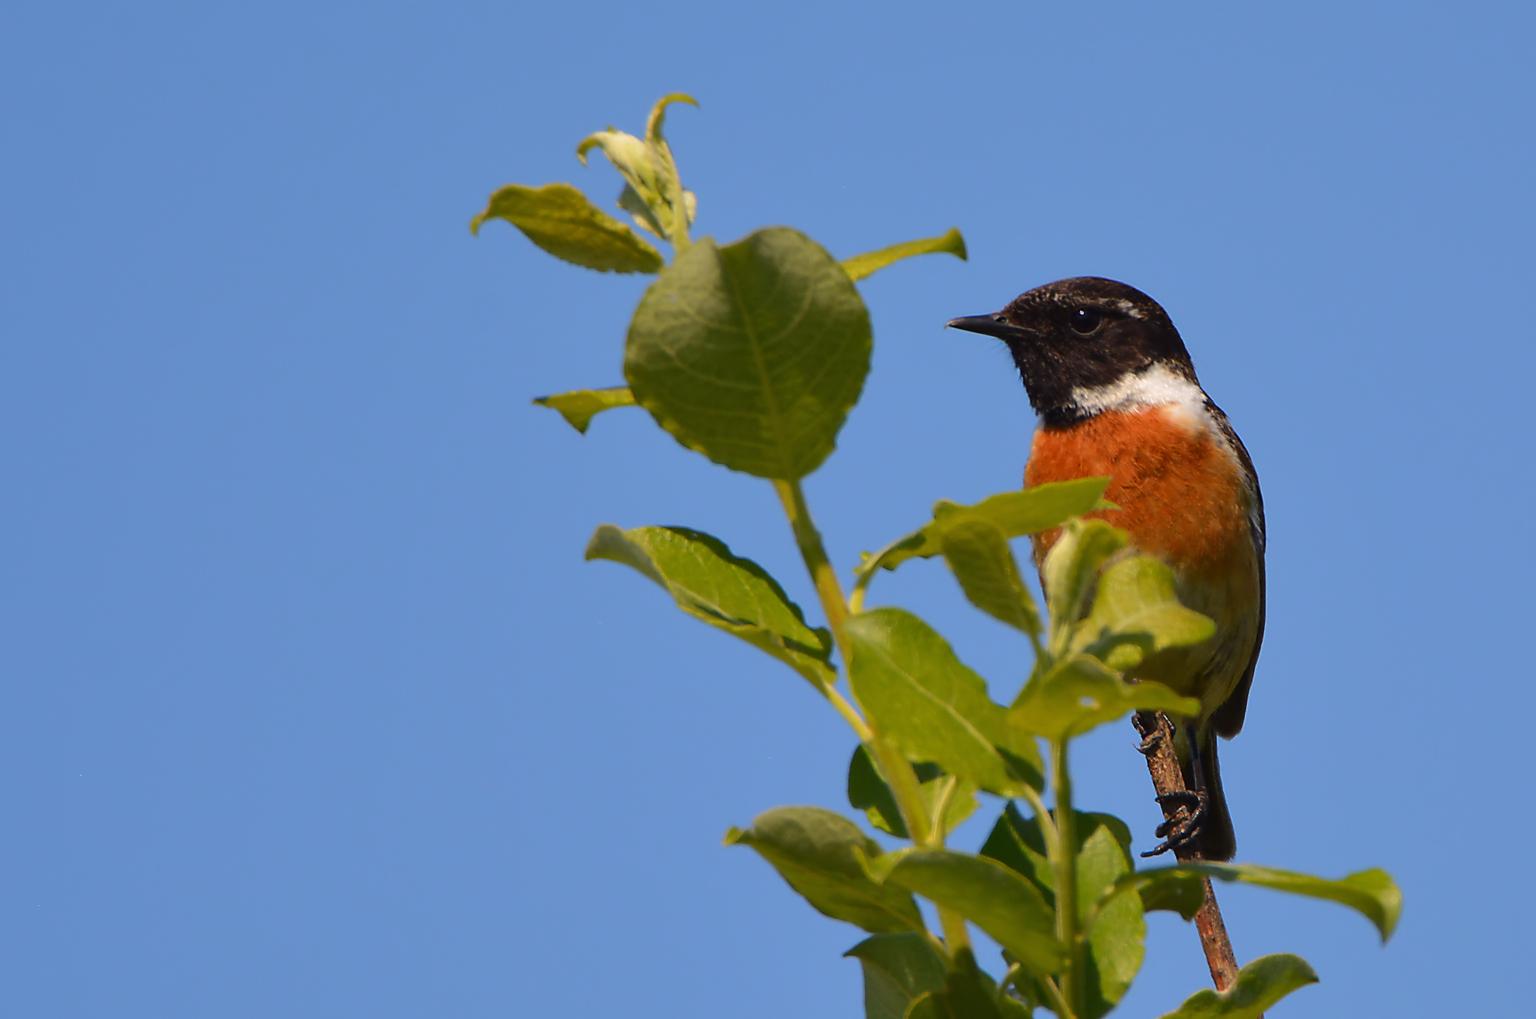 Roodborsttapuit - Saxicola Rubicola - foto door hayke op 11-04-2021 - locatie: 5944 Arcen, Nederland - deze foto bevat: vogel, lucht, fabriek, afdeling, takje, bek, chickadee, zangvogel, staart, neerstekende vogel